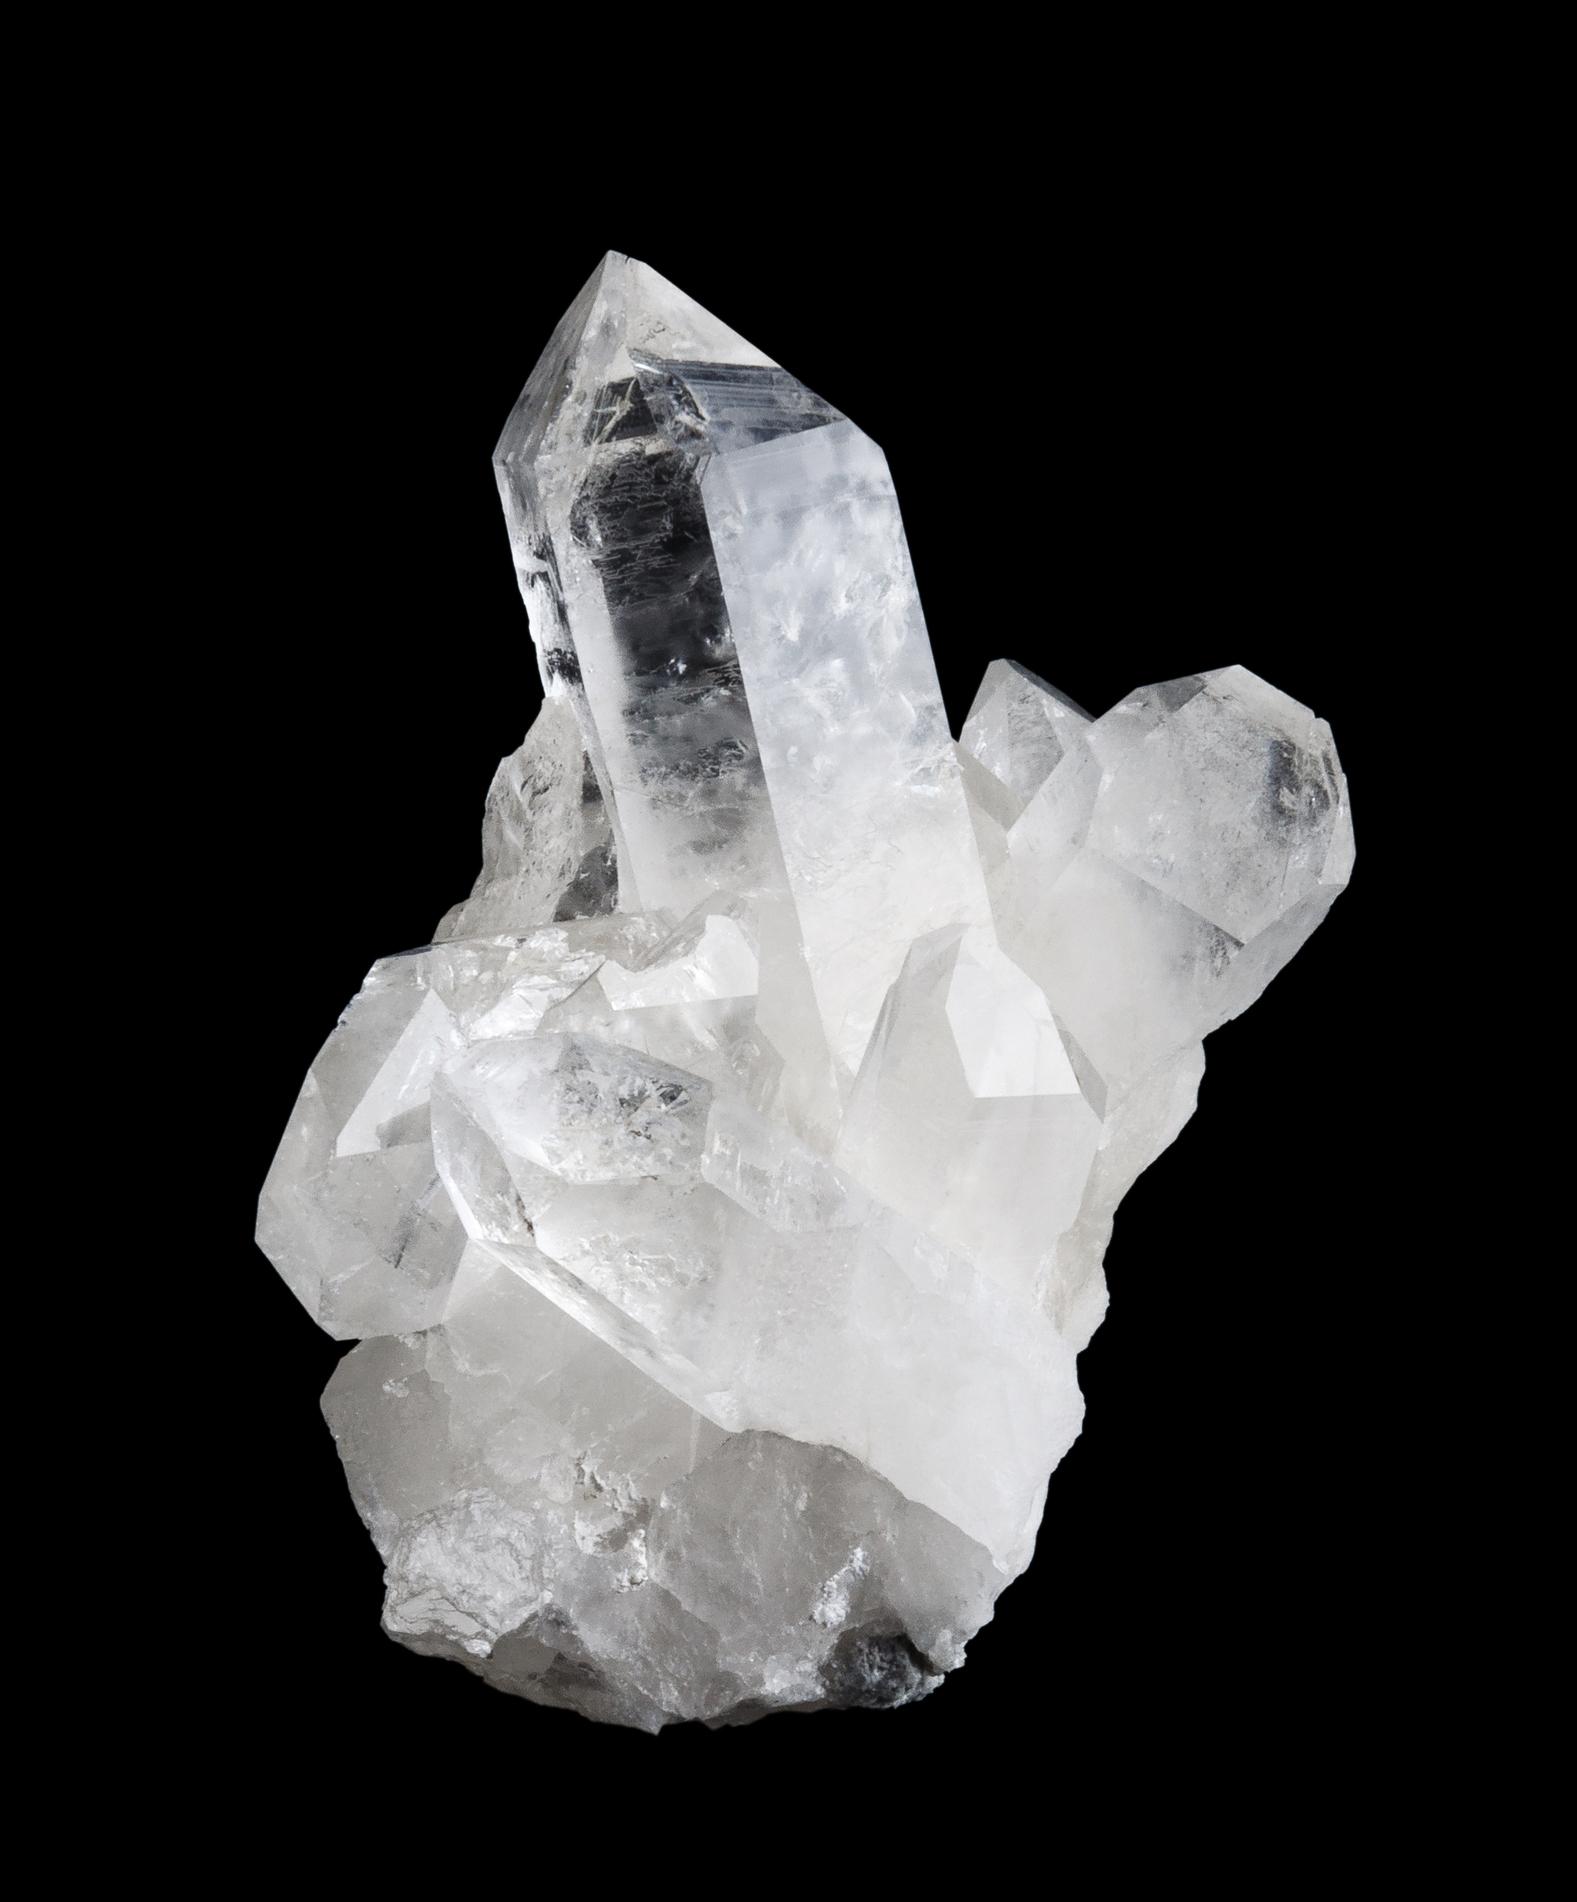 Кварц -най-разпространеният минерал наЗемята.Кварцът заема място в топ десет на скъпоценните камъни още от древността. Има различни видове кварц - Млечен кварц, Опушен, Розов и т.н. Той се възприема като кристал, който носи щастие и успех. Чудесен е за декорация в дома.